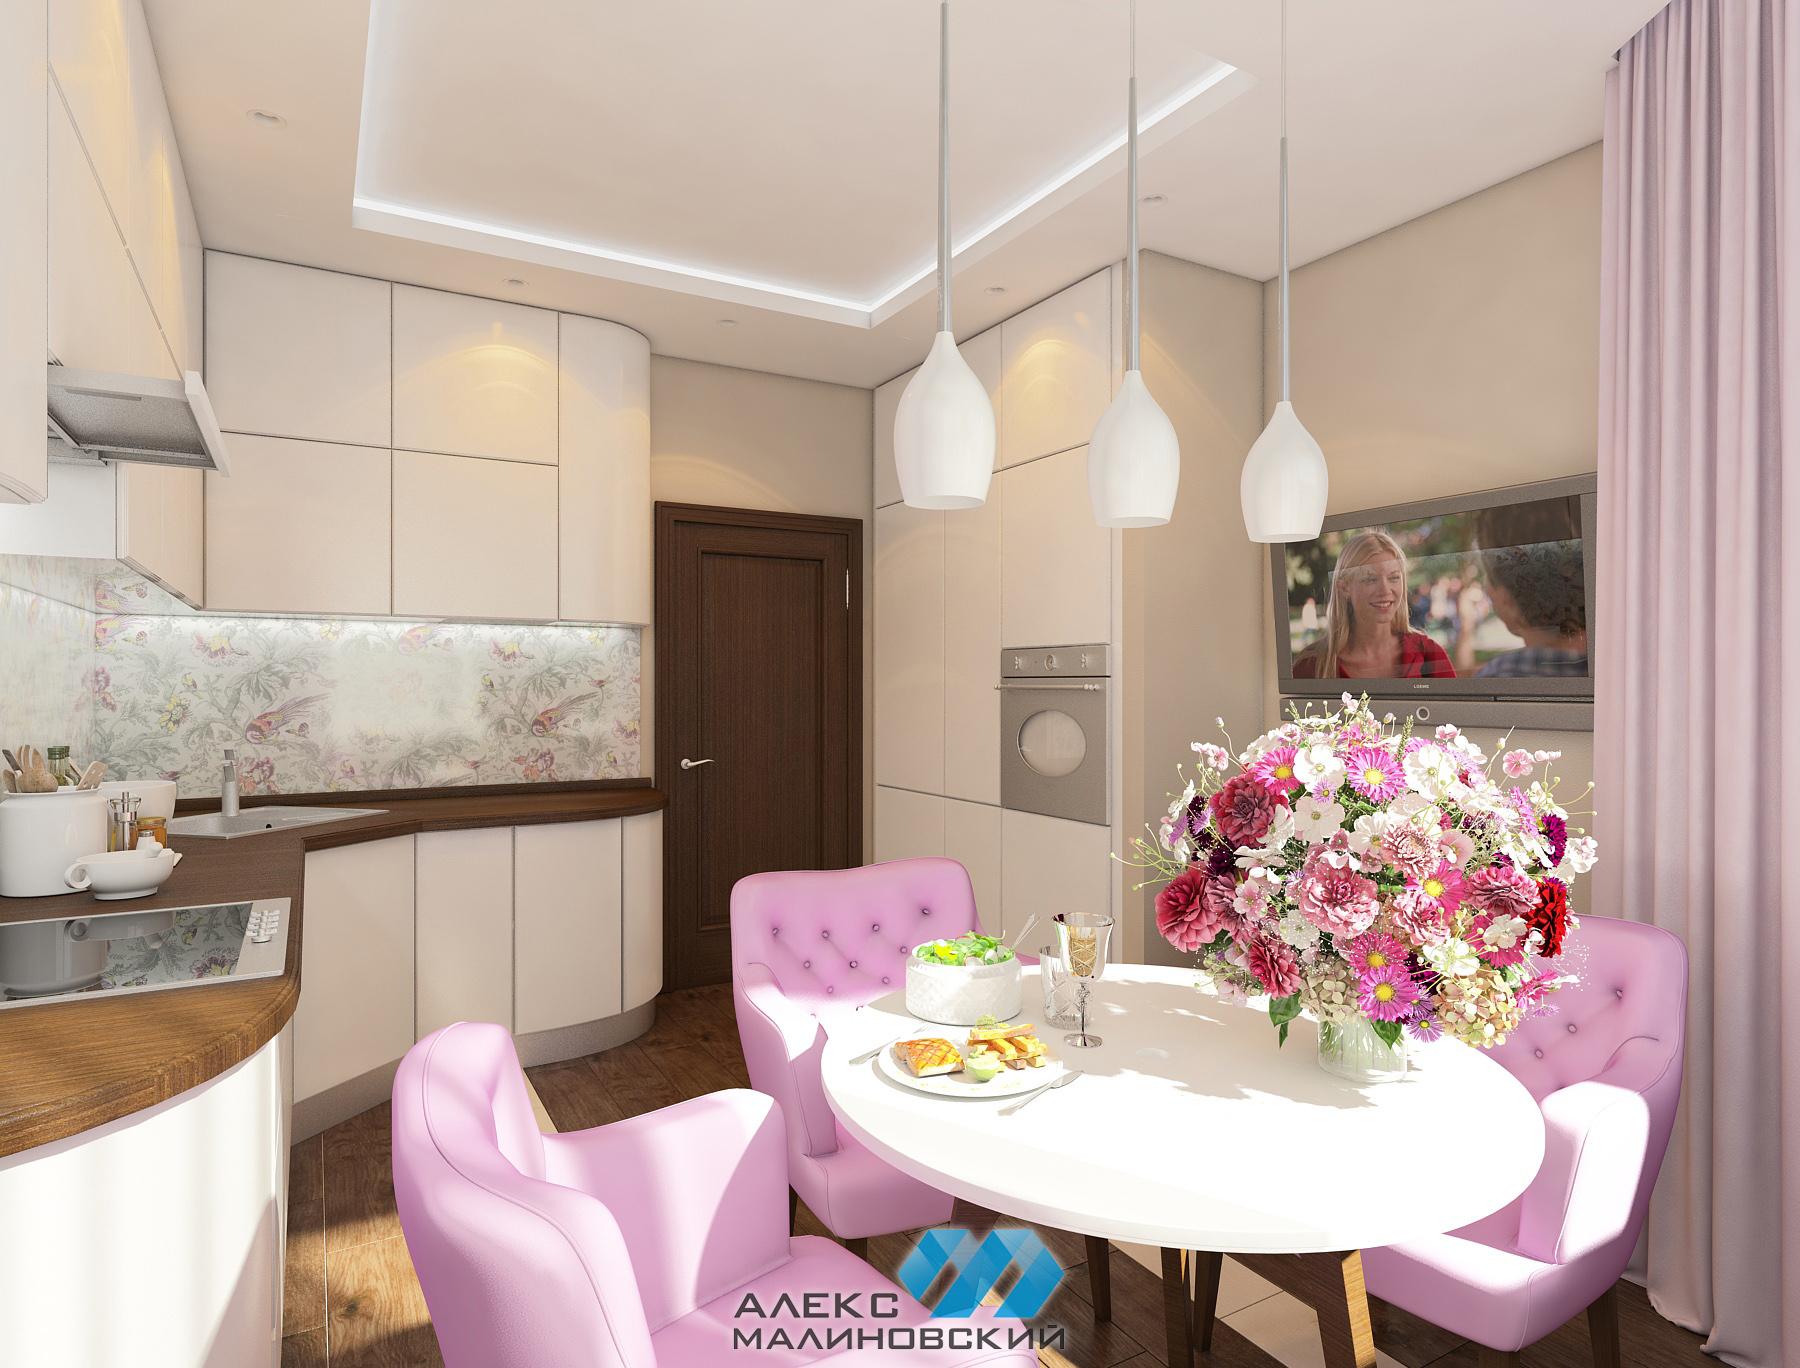 Кухня, 2х комнатная квартира, Новопеределкино, Москва